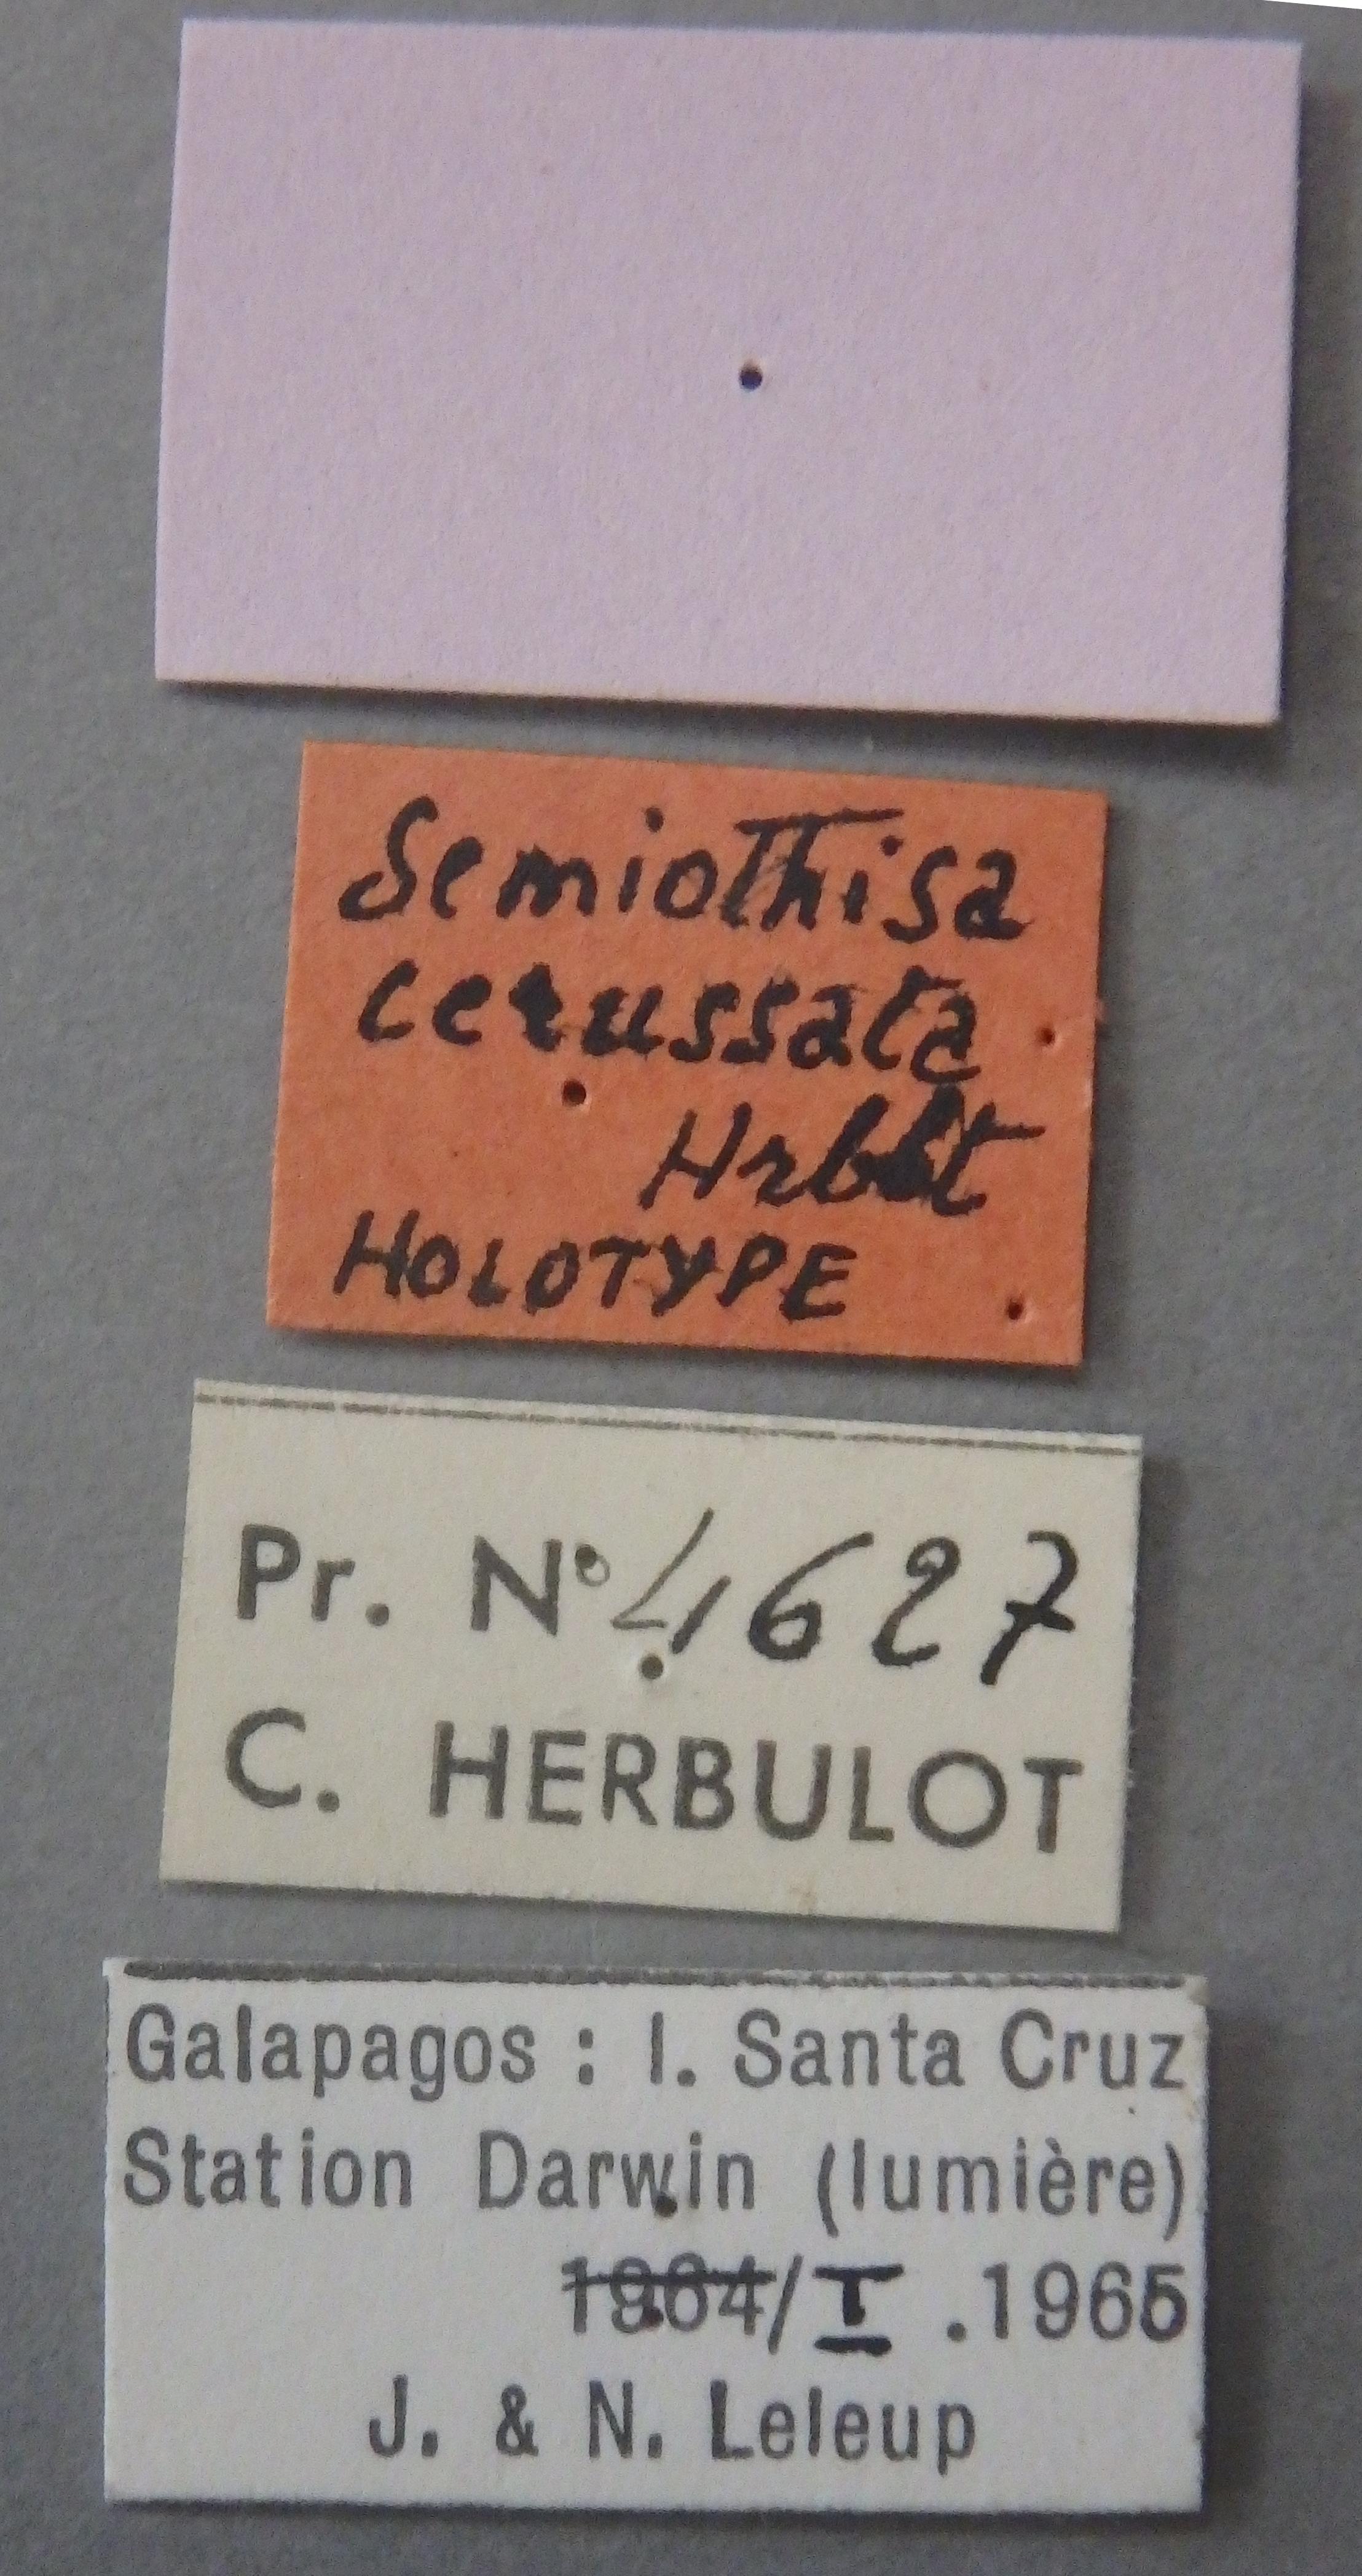 Semiothisa cerussata ht Lb.JPG